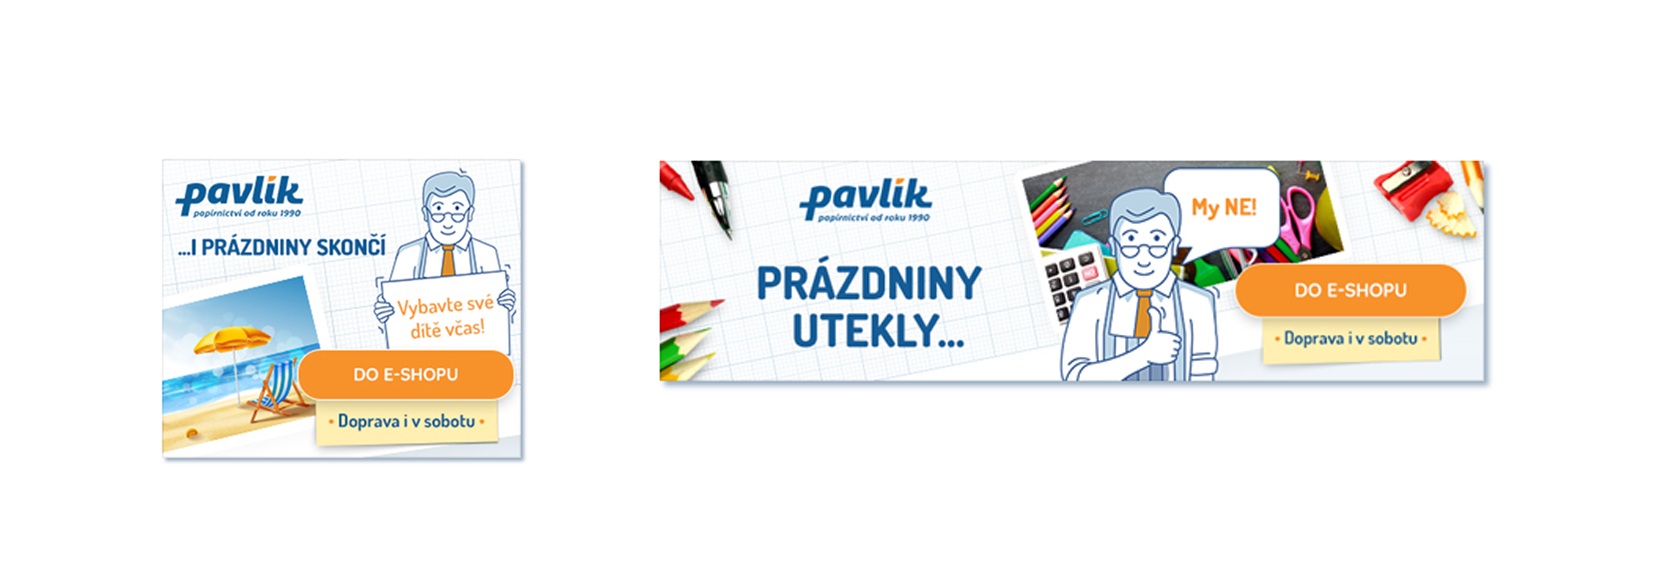 Ukázka bannerů brandové kampaně